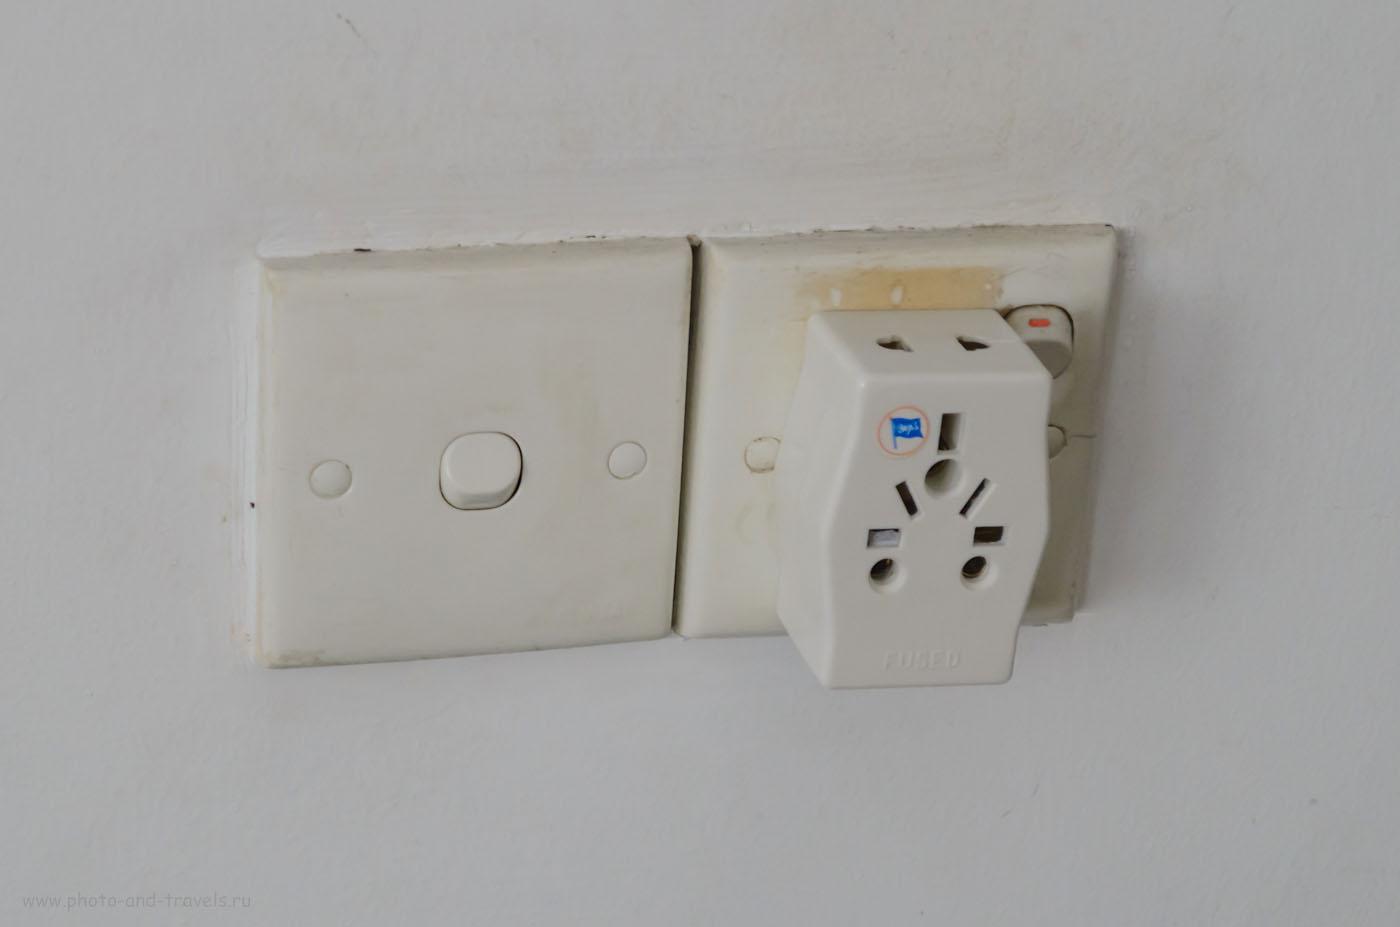 Фотография 8. Электрический переходник (адаптер) для розеток на Шри-Ланке. Чтобы отдых на прошел без проблем, придется его приобрести. Отчеты туристов о поездке на Цейлон в мае.